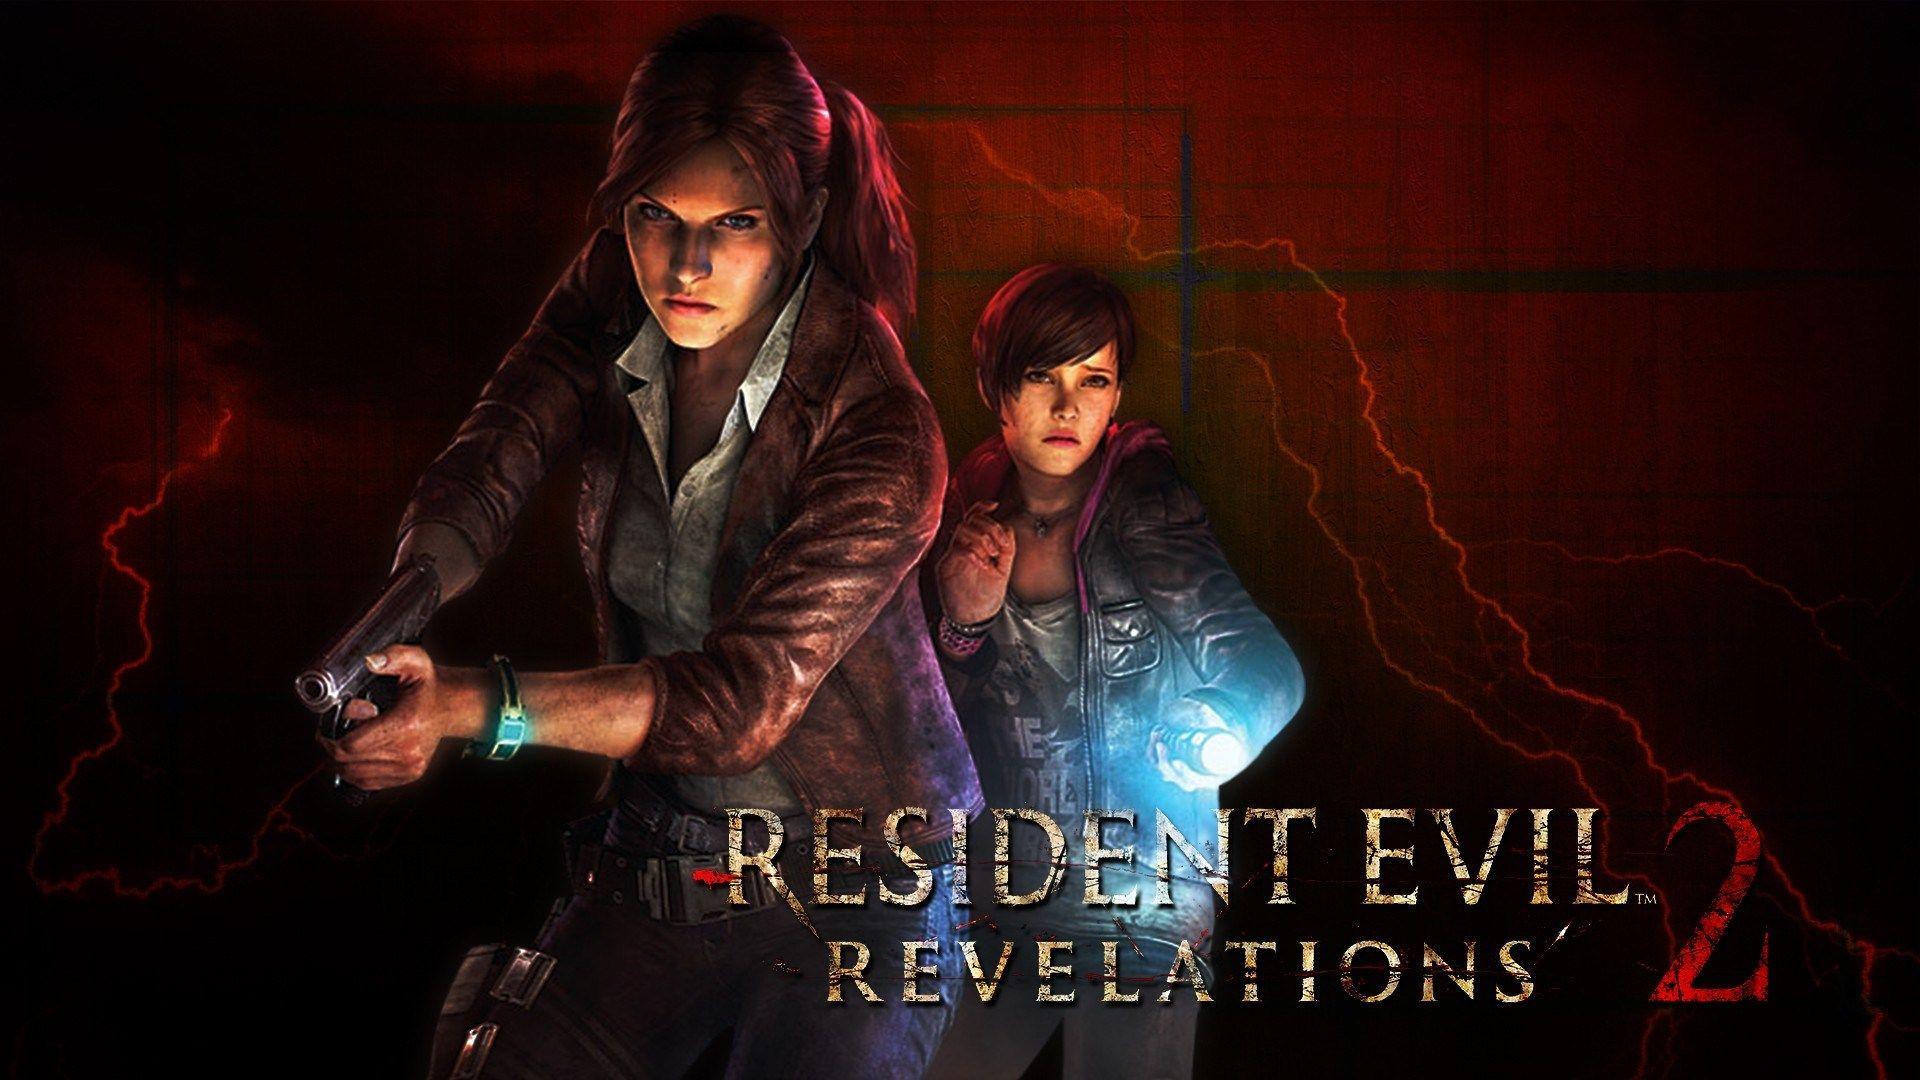 Resident Evil Revelations 2 Wallpapers Wallpaper Cave